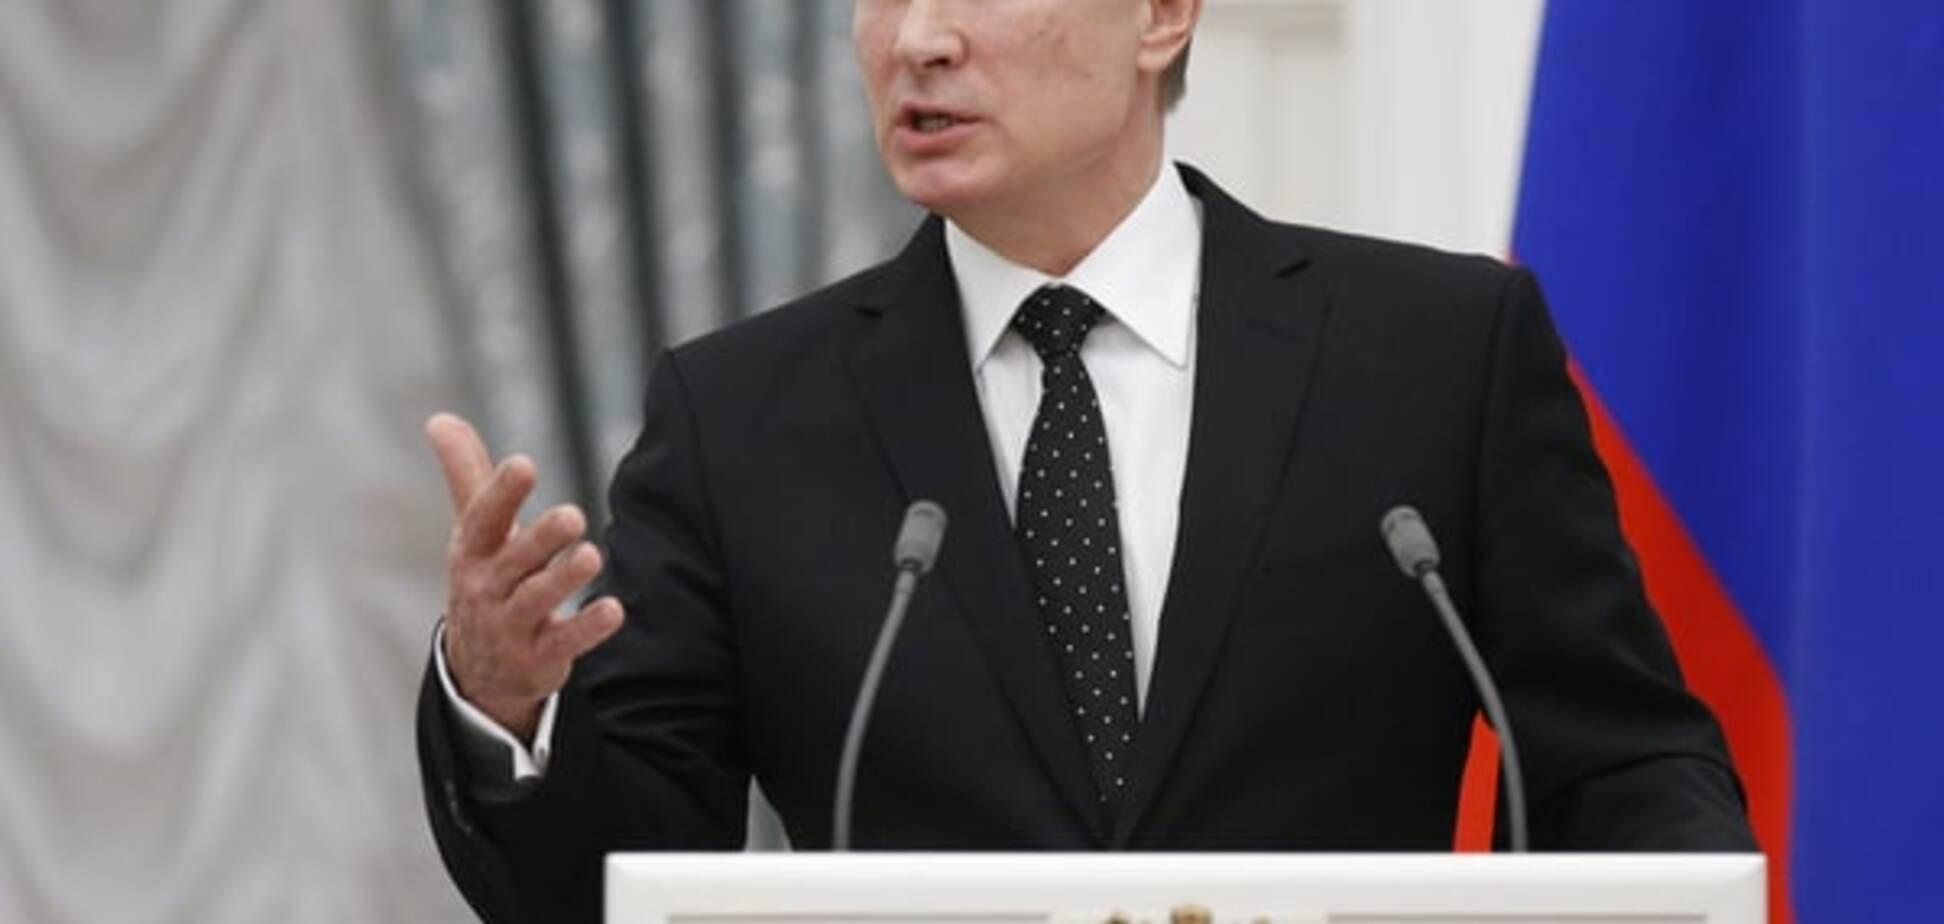 Рабинович побачив загрозу громадянської війни в Росії через Путіна